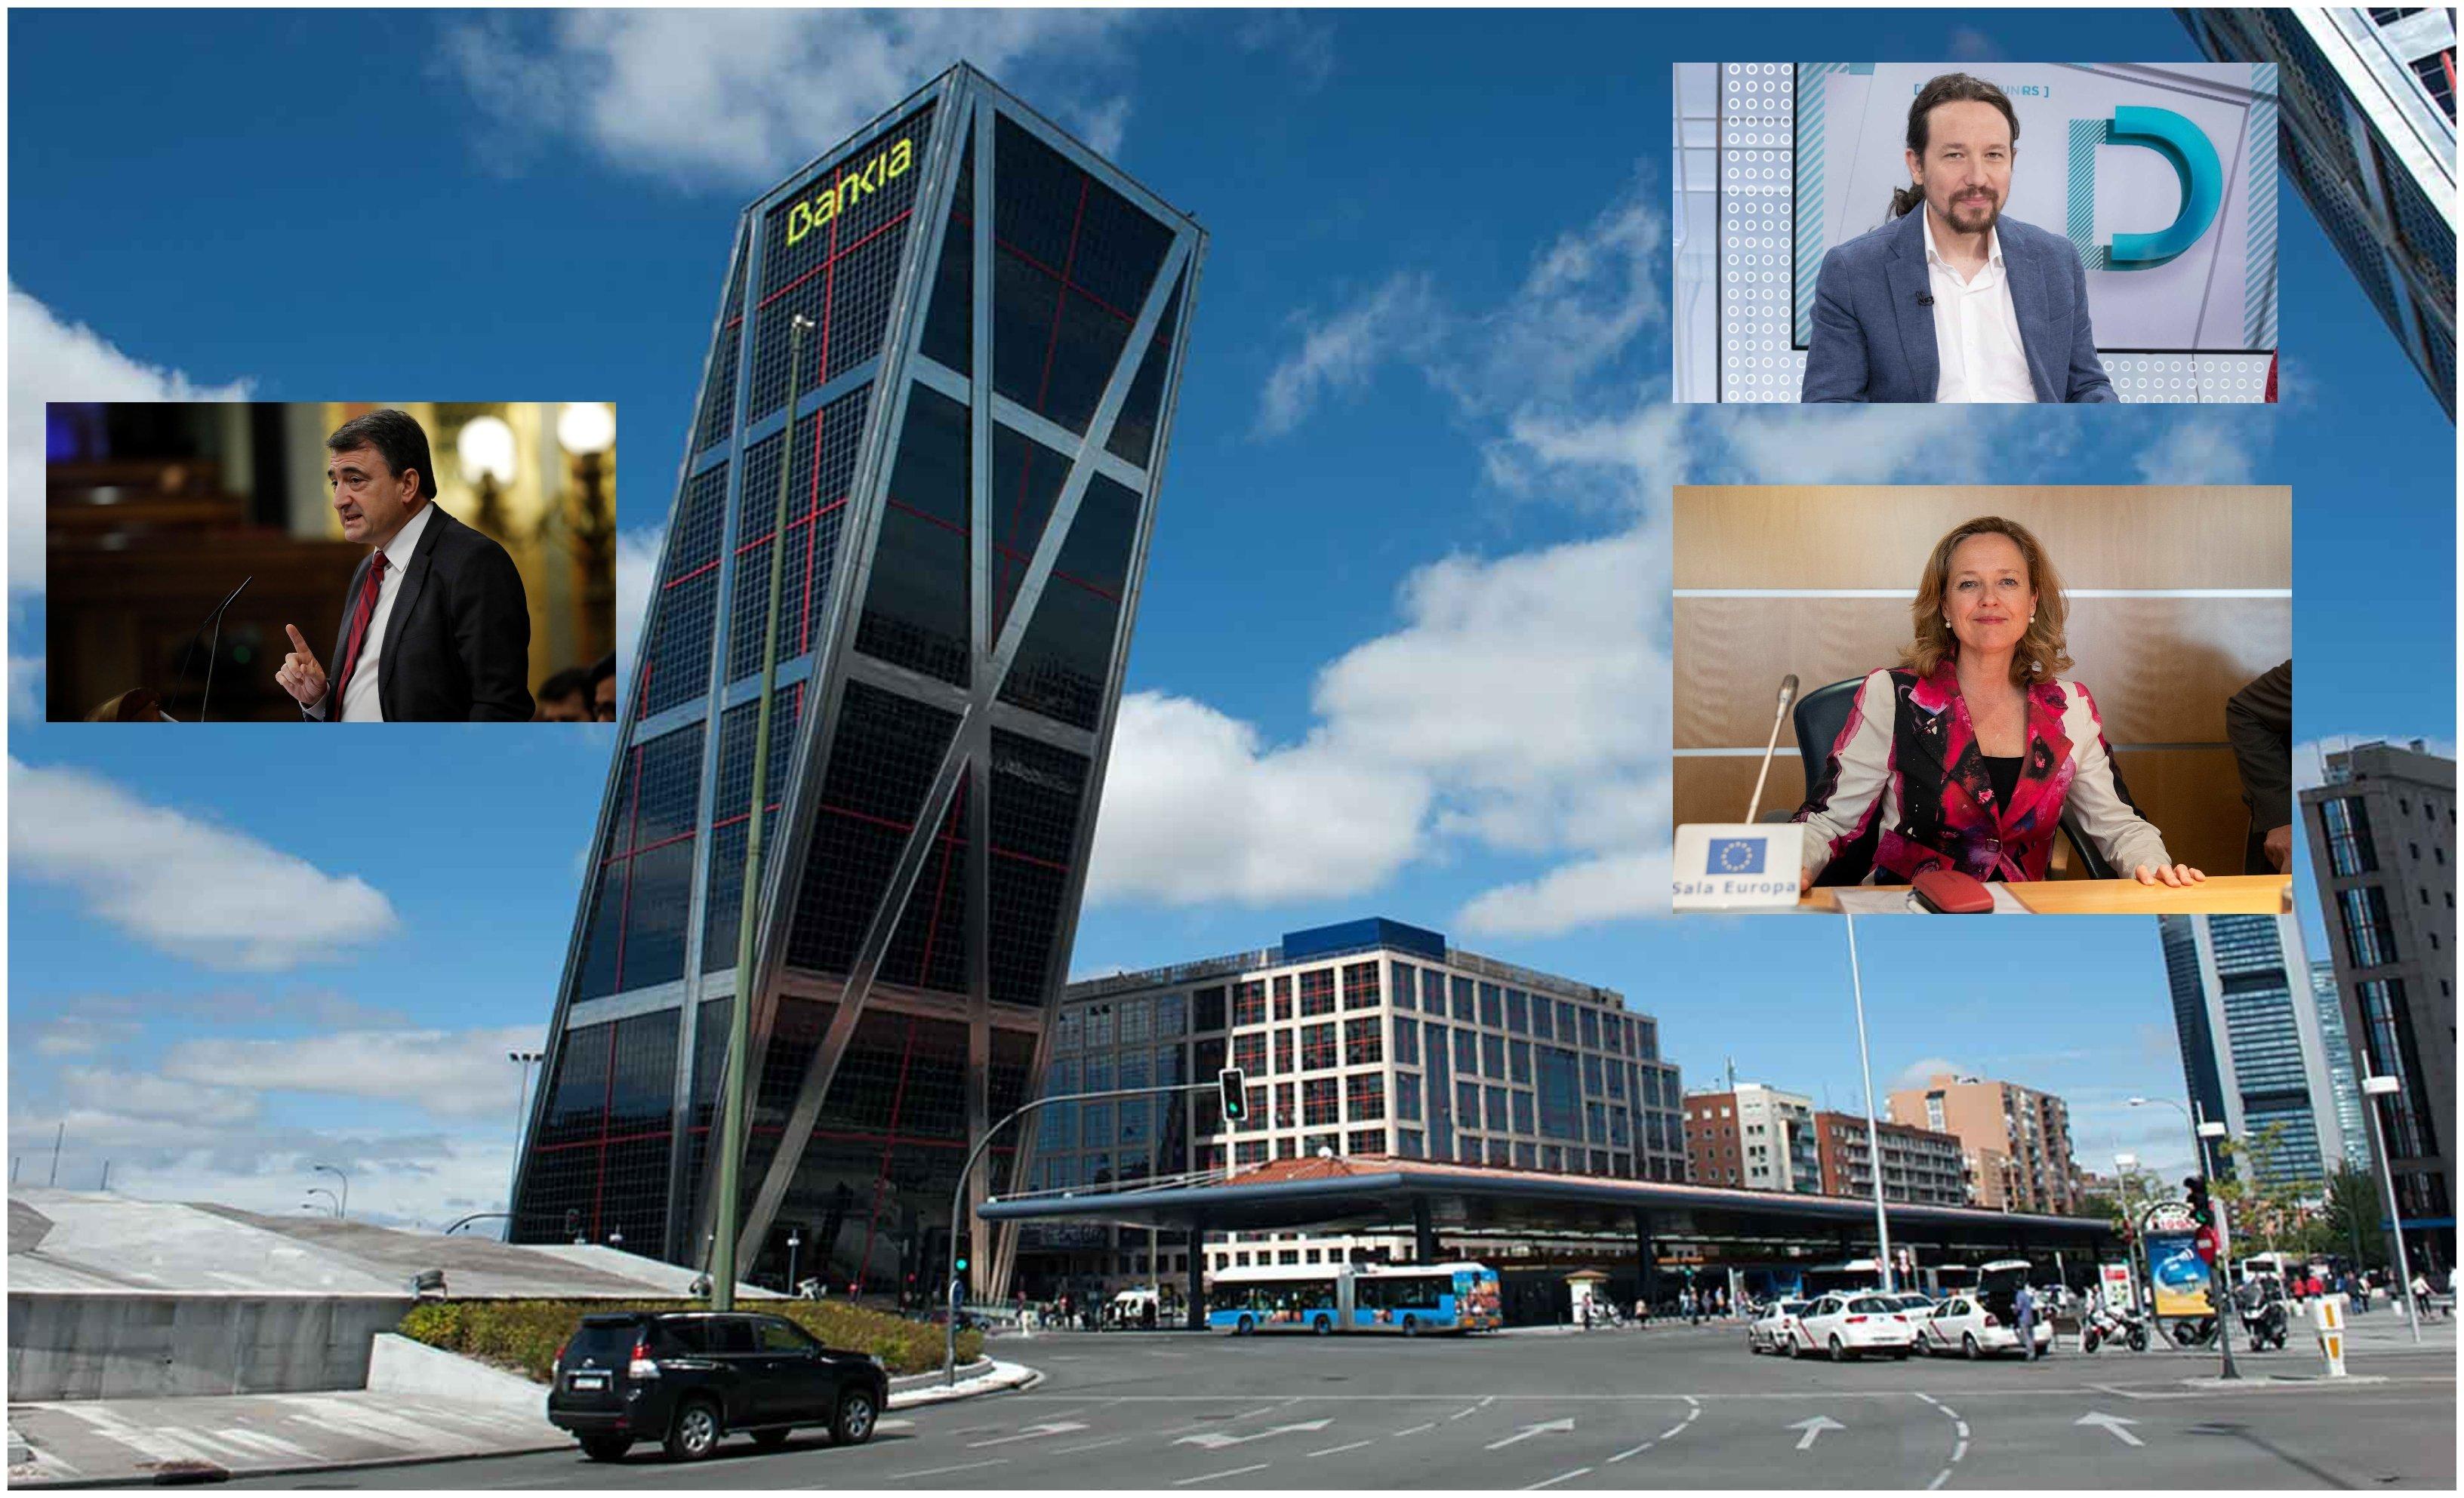 La batalla de Bankia. Calviño e Iglesias pactan: que se quede como está… pero el PNV de Aitor Esteban insiste en la fusión con BBVA